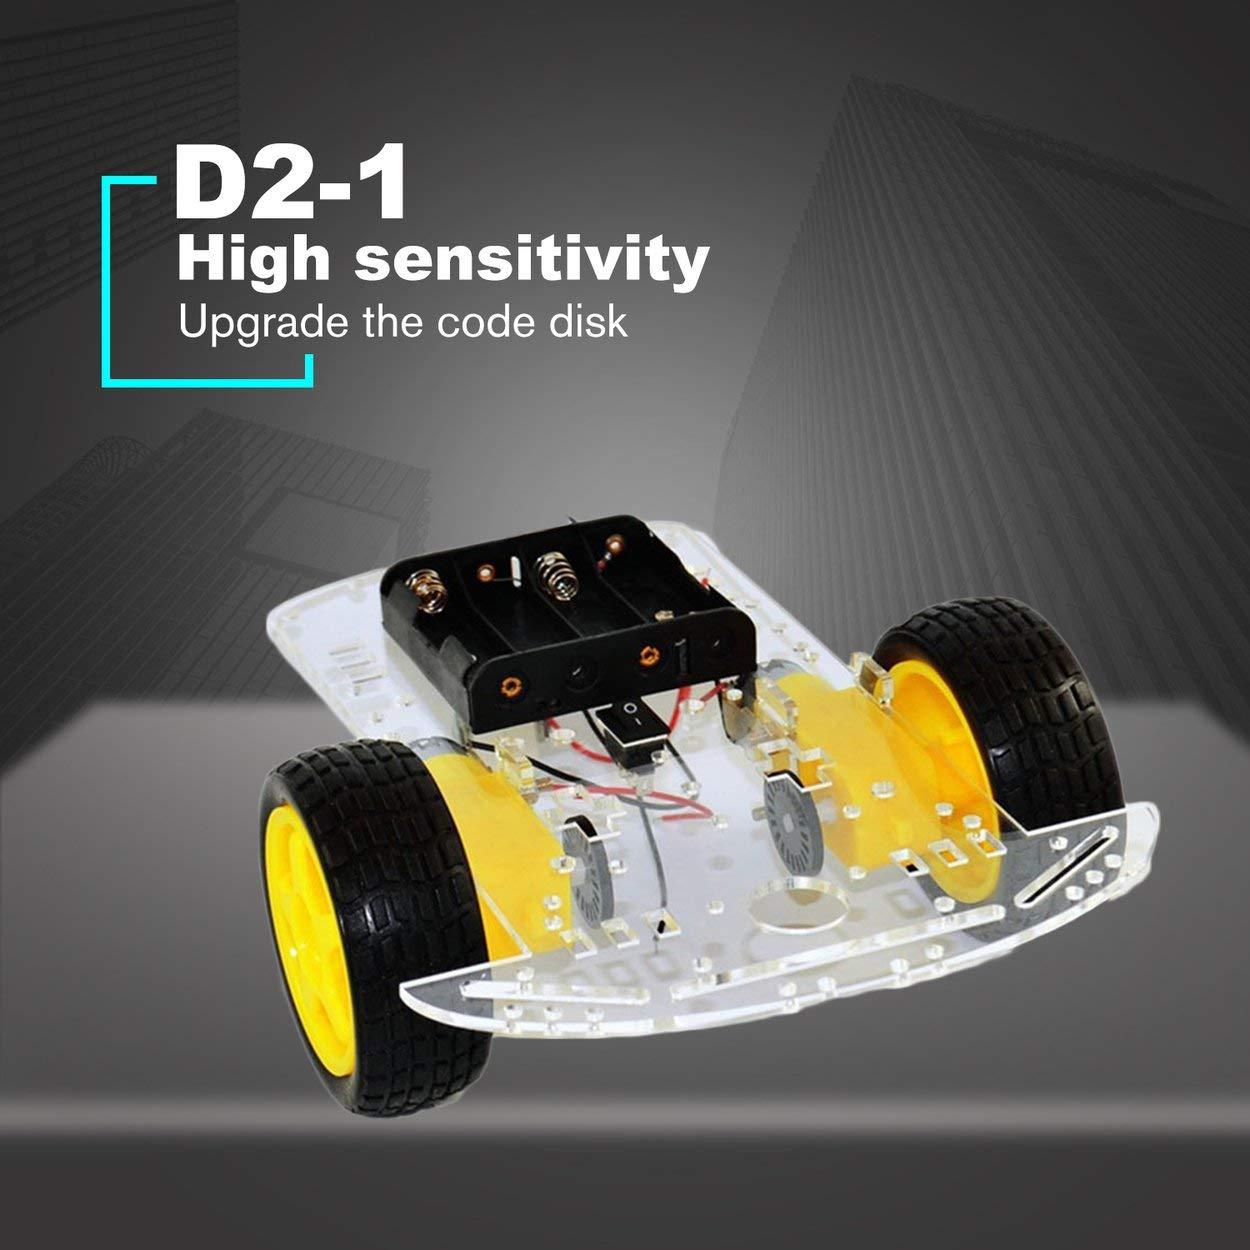 Lorenlli Intelligente Smart Trcking Linie Anhänger Sensor Hindernisvermeidung Modul Für Arduino Reflexion Optische Schalter Roboterauto